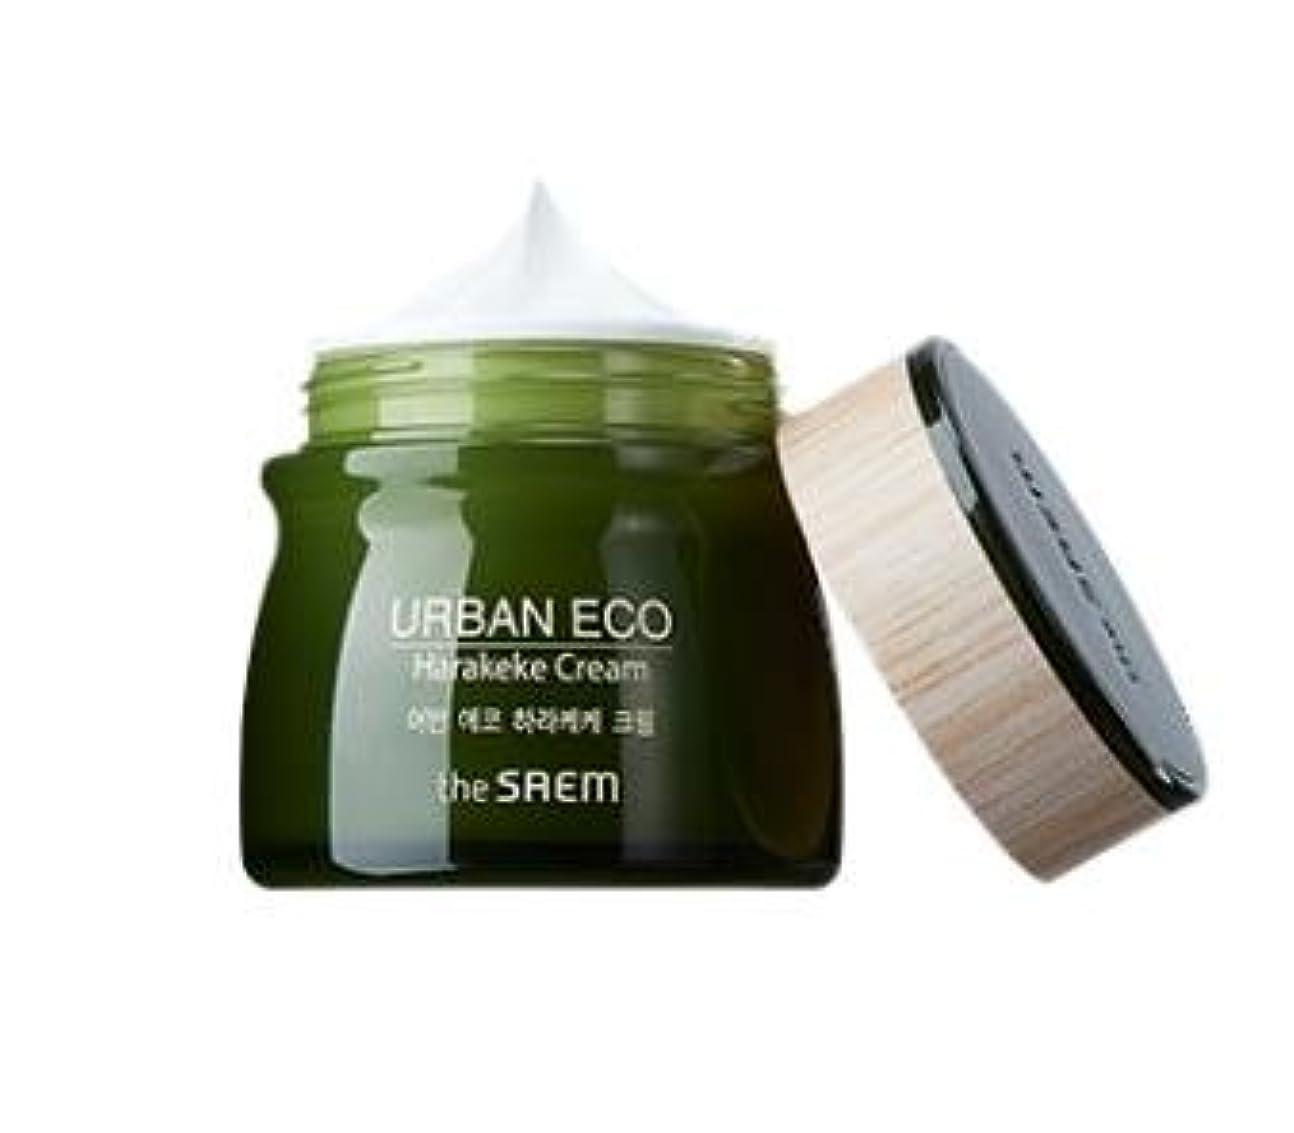 流すネコ債権者[NEW]The Saem Urban Eco Harakeke Cream ザセム アーバンエコ ハラケケクリーム [並行輸入品]